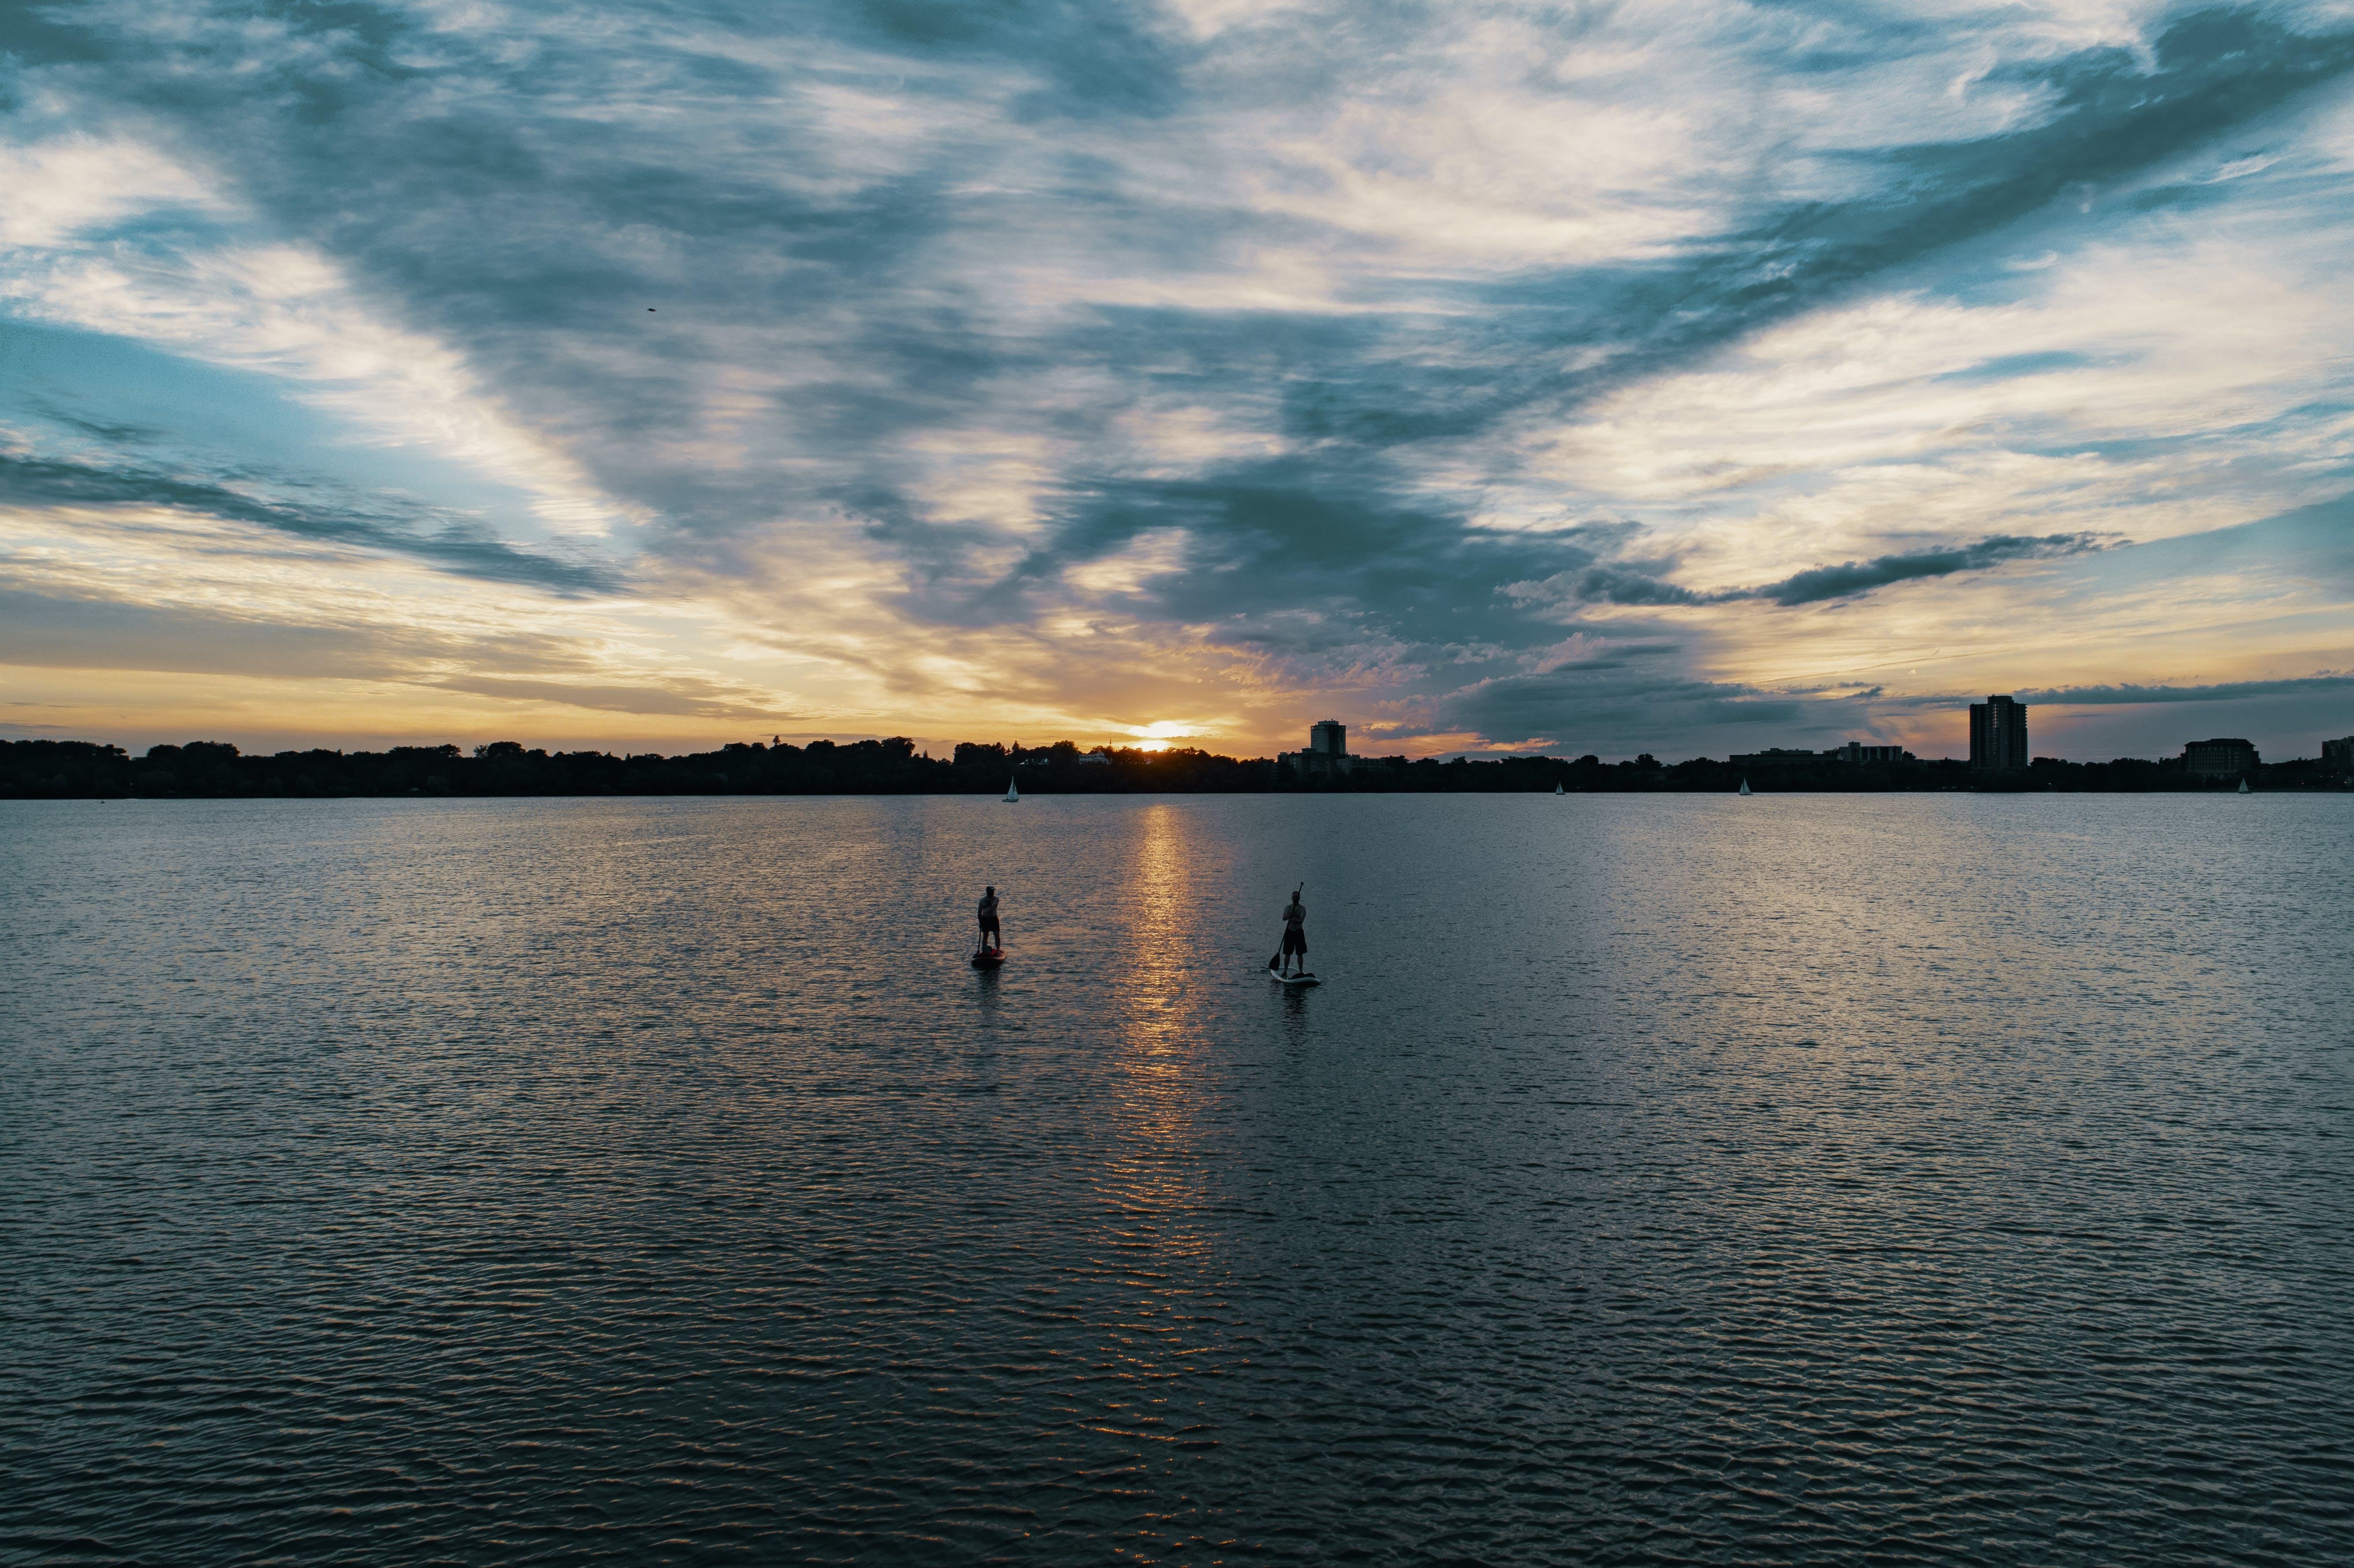 경치, 구름, 물, 바다의 무료 스톡 사진